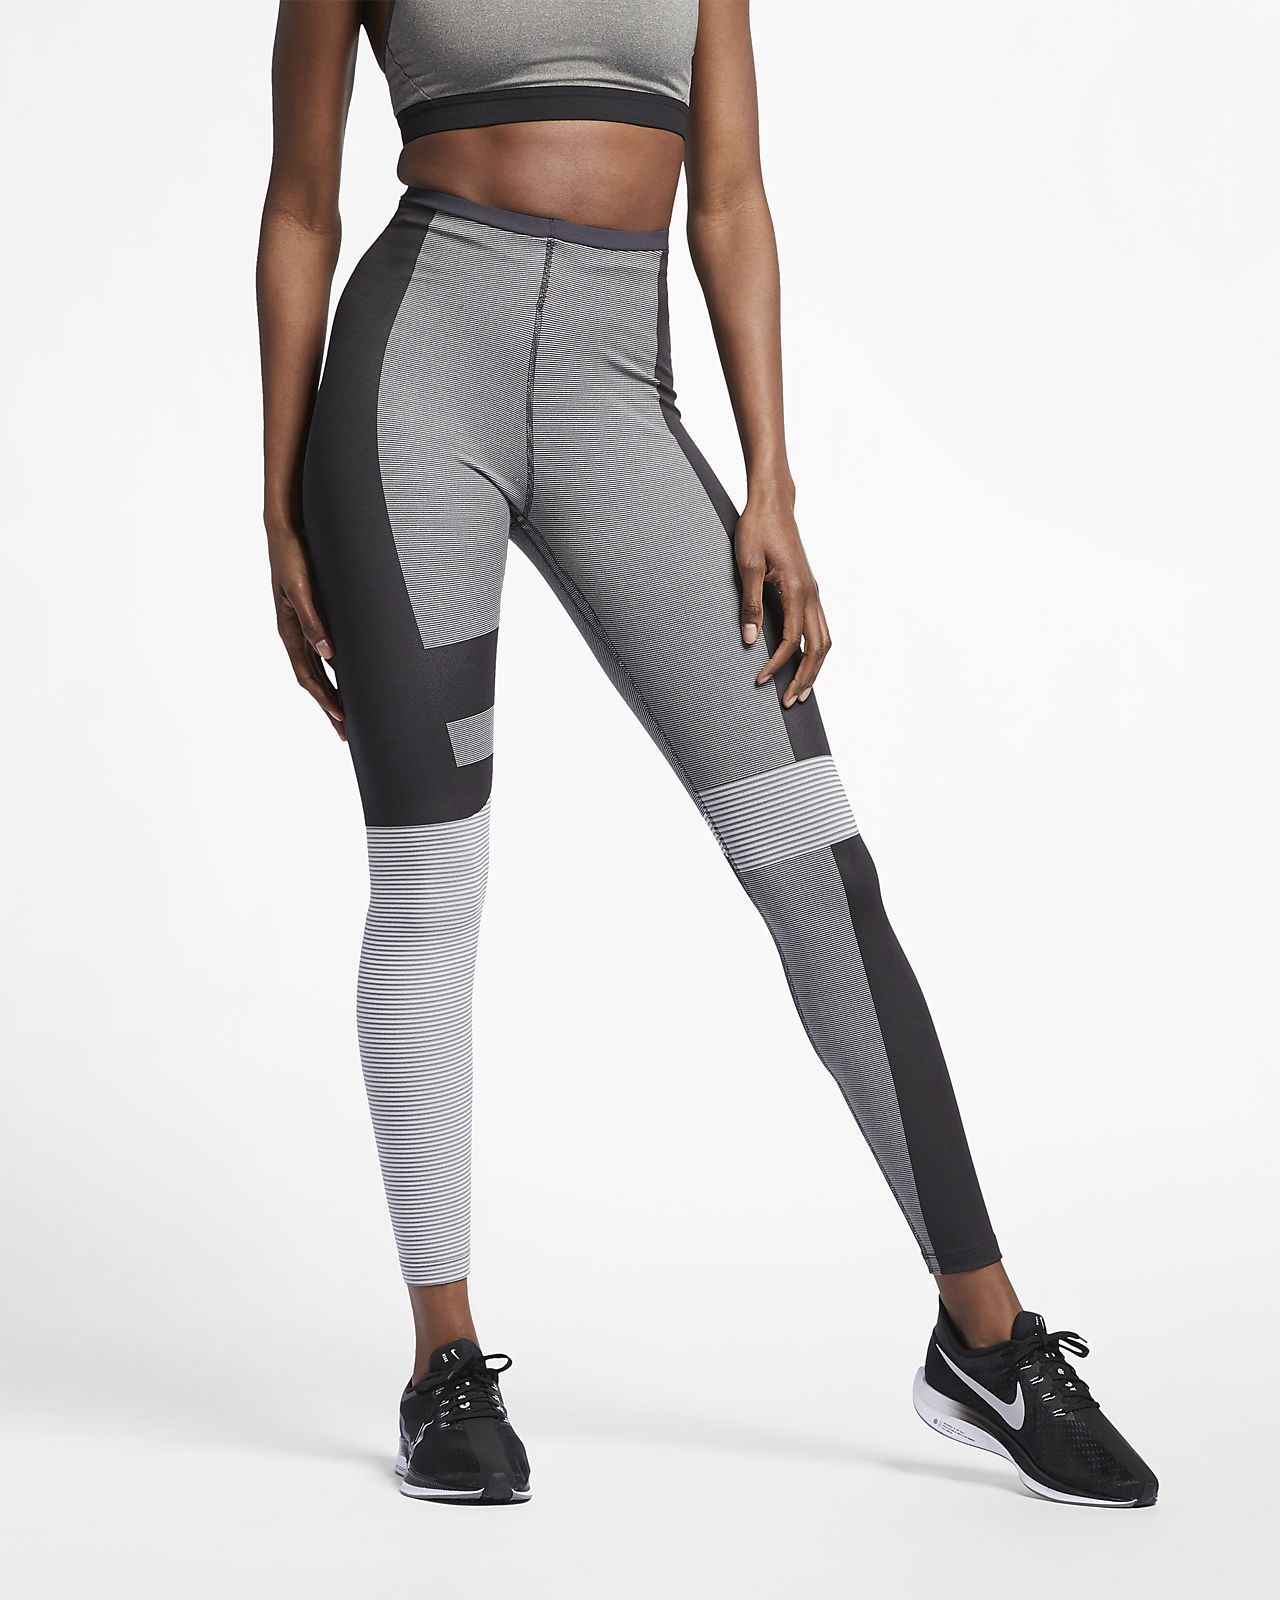 Nike Tech-løbetights til kvinder